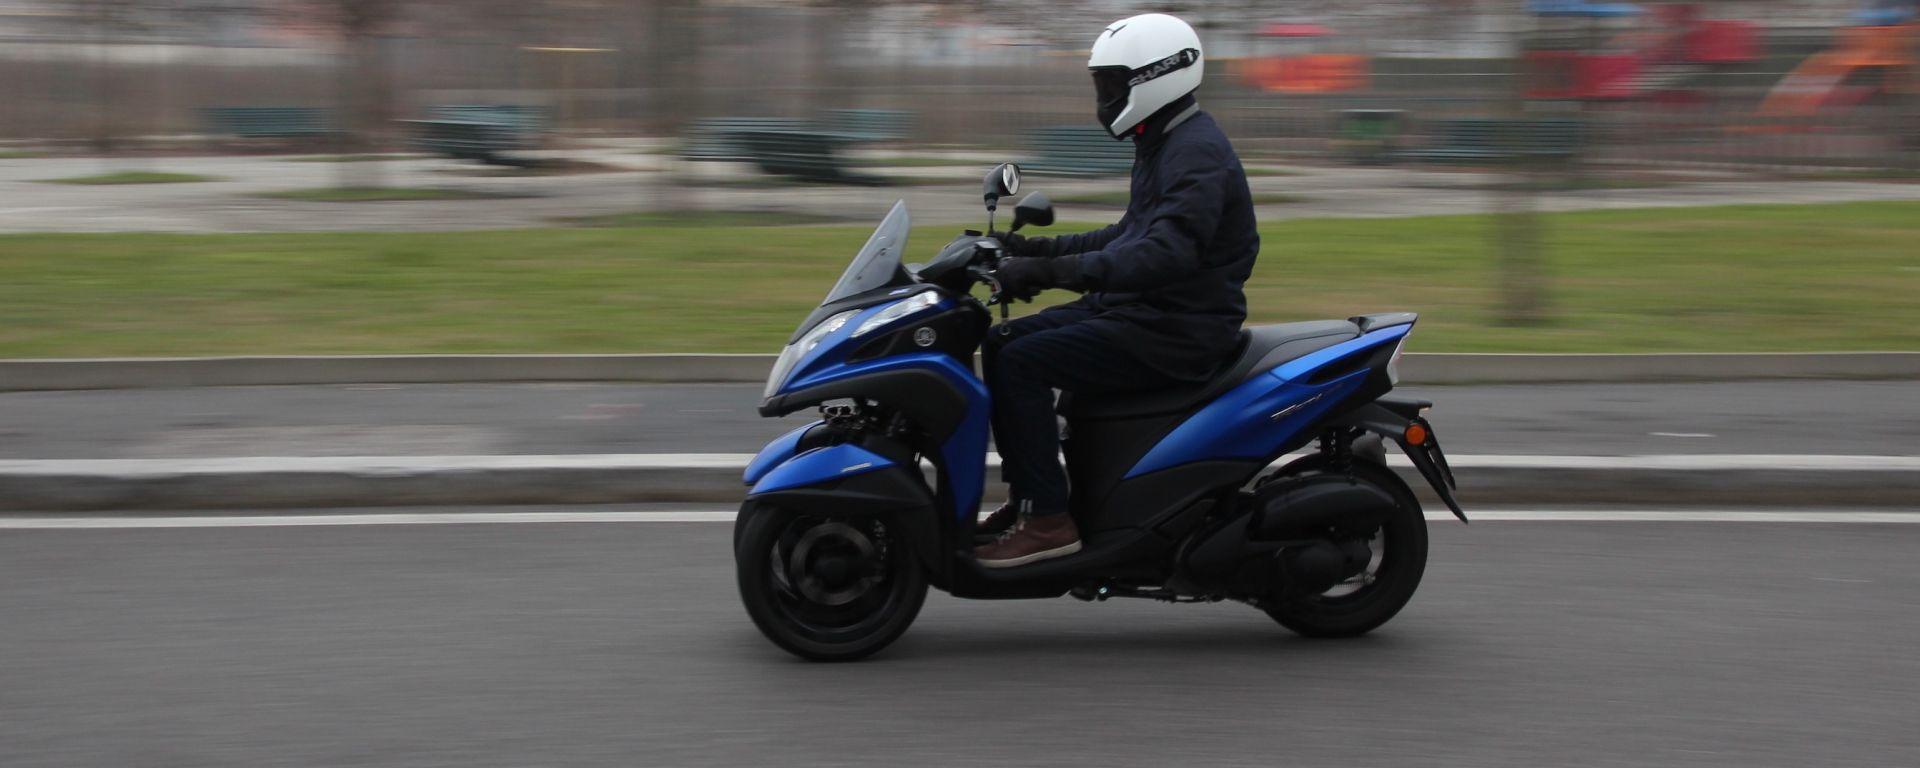 Yamaha Tricity 155, prova di durata